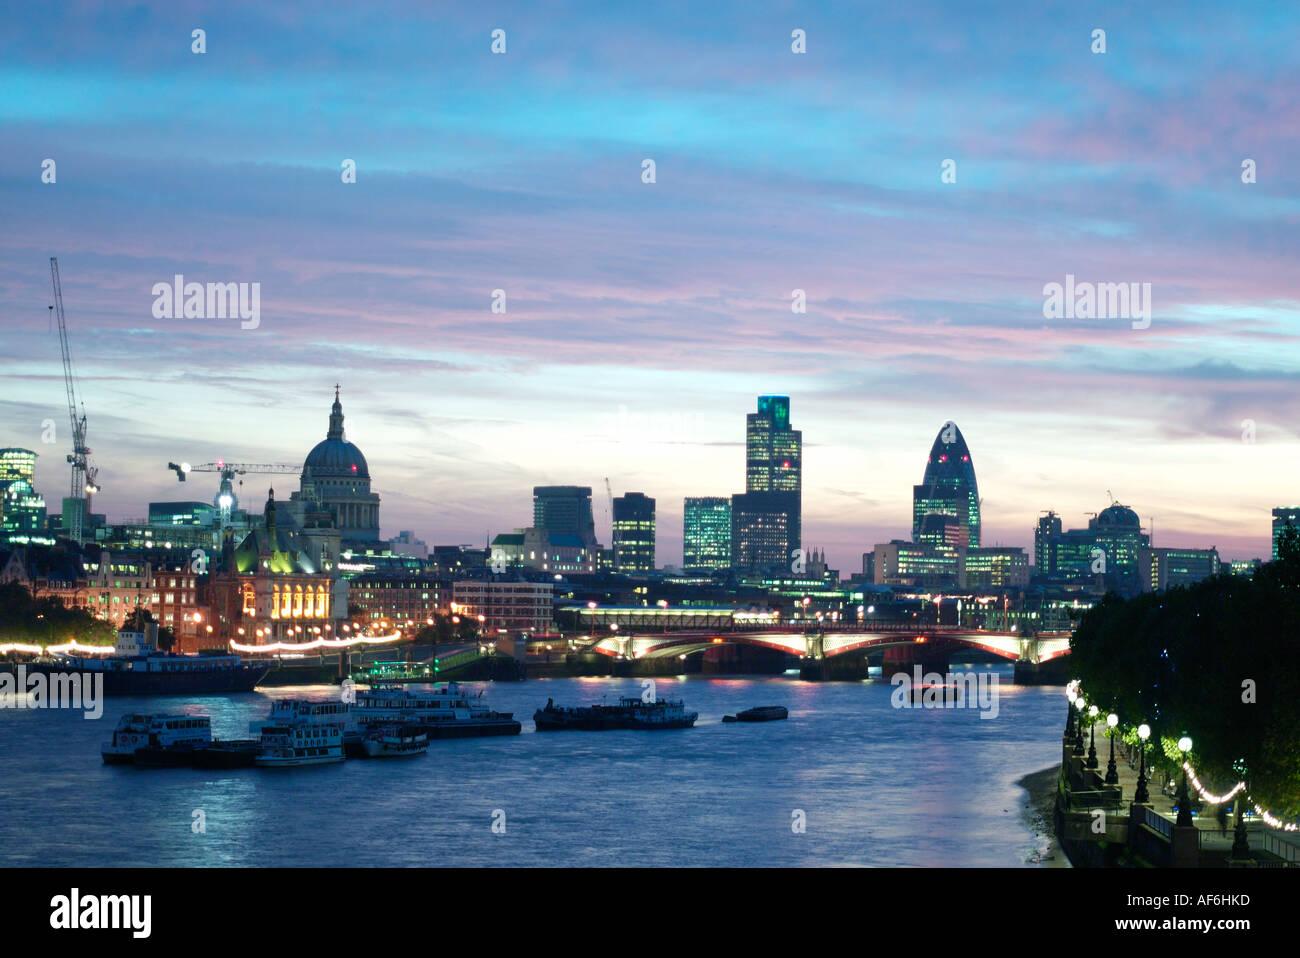 London city sky line à l'aube vers 2006 Photo Stock